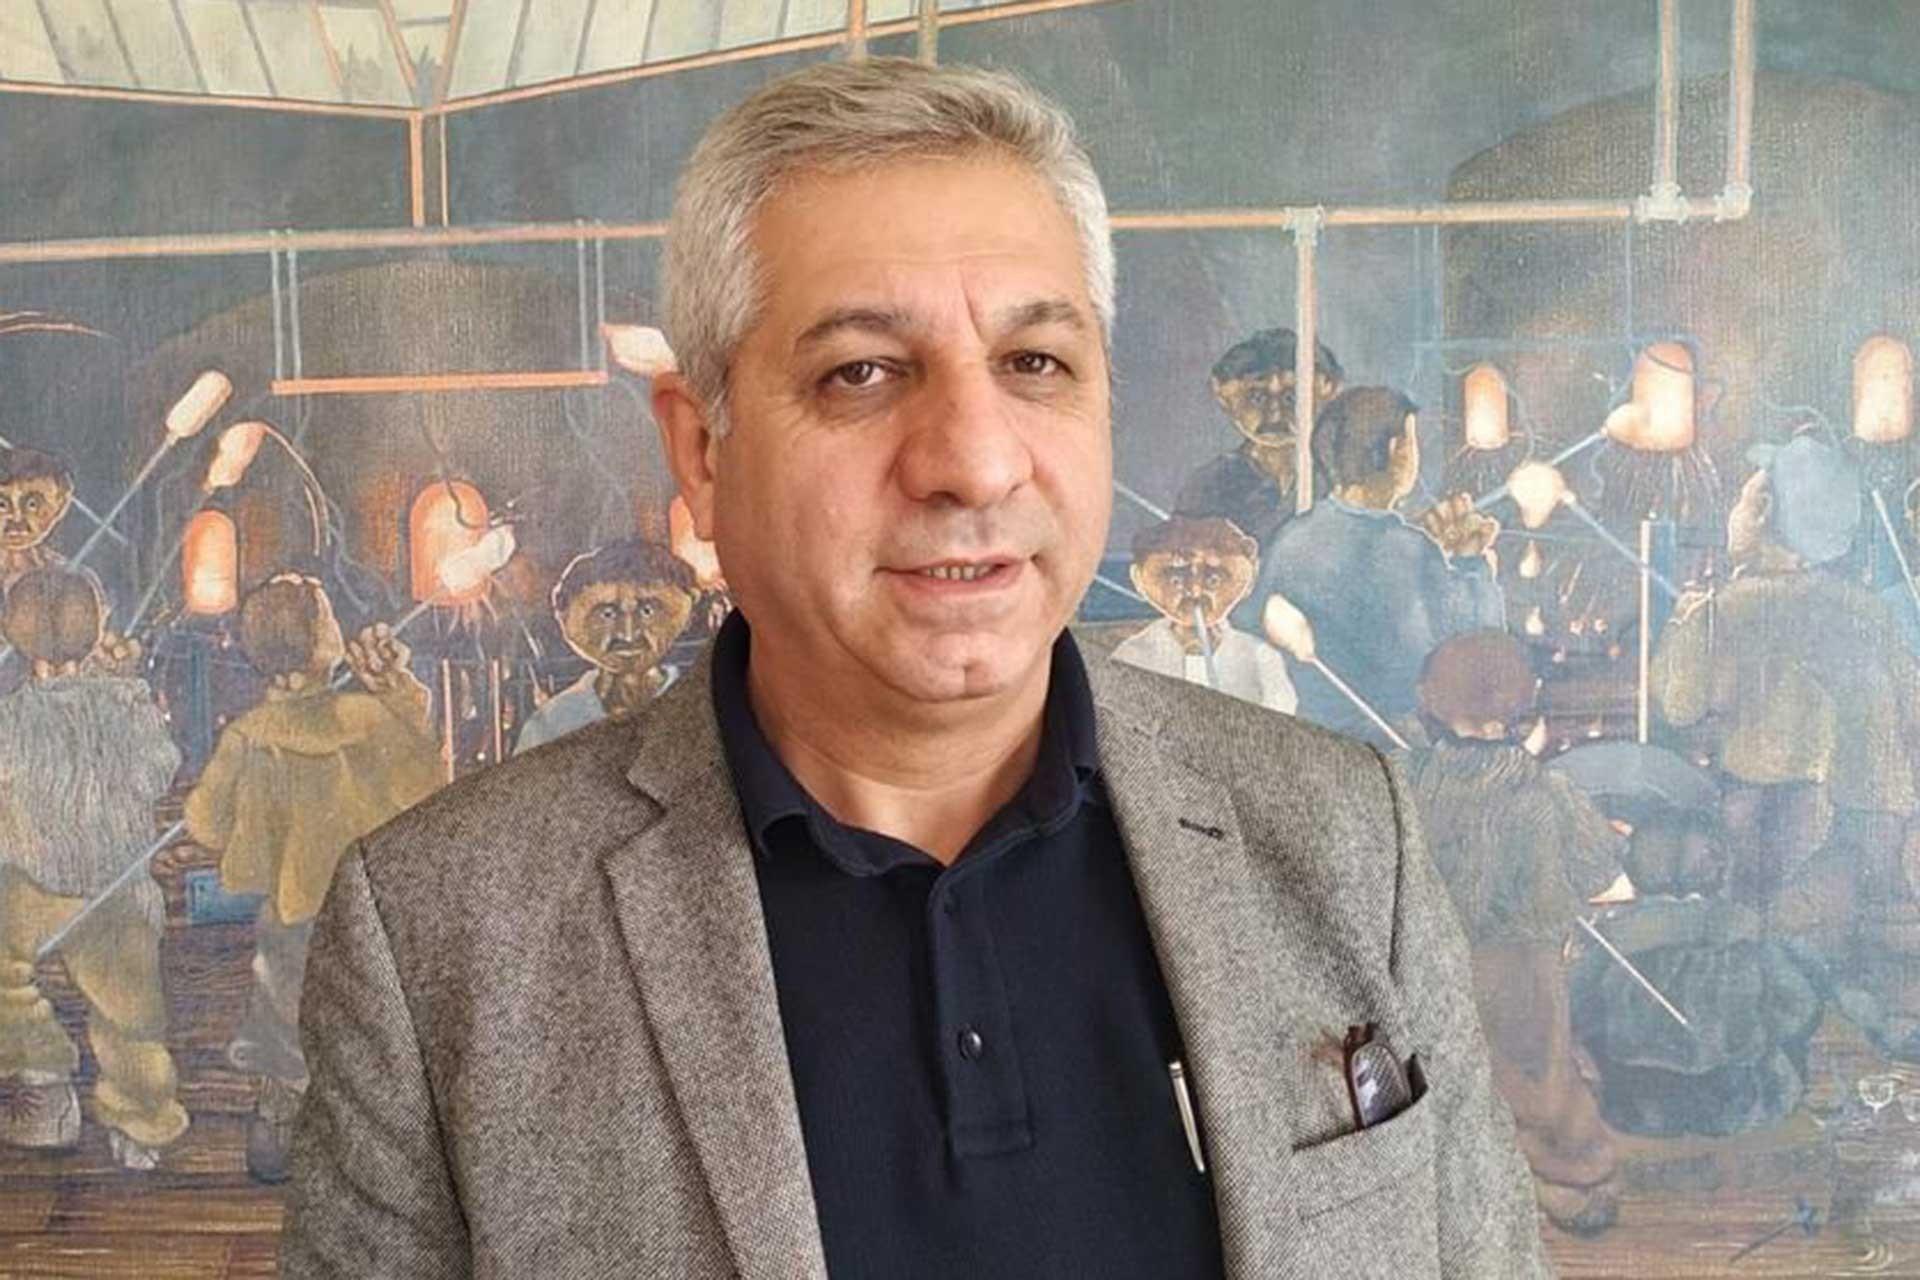 Gıda-İş Genel Başkanı Aslan: Dardanel'de işçiler zorla çalıştırılıyor